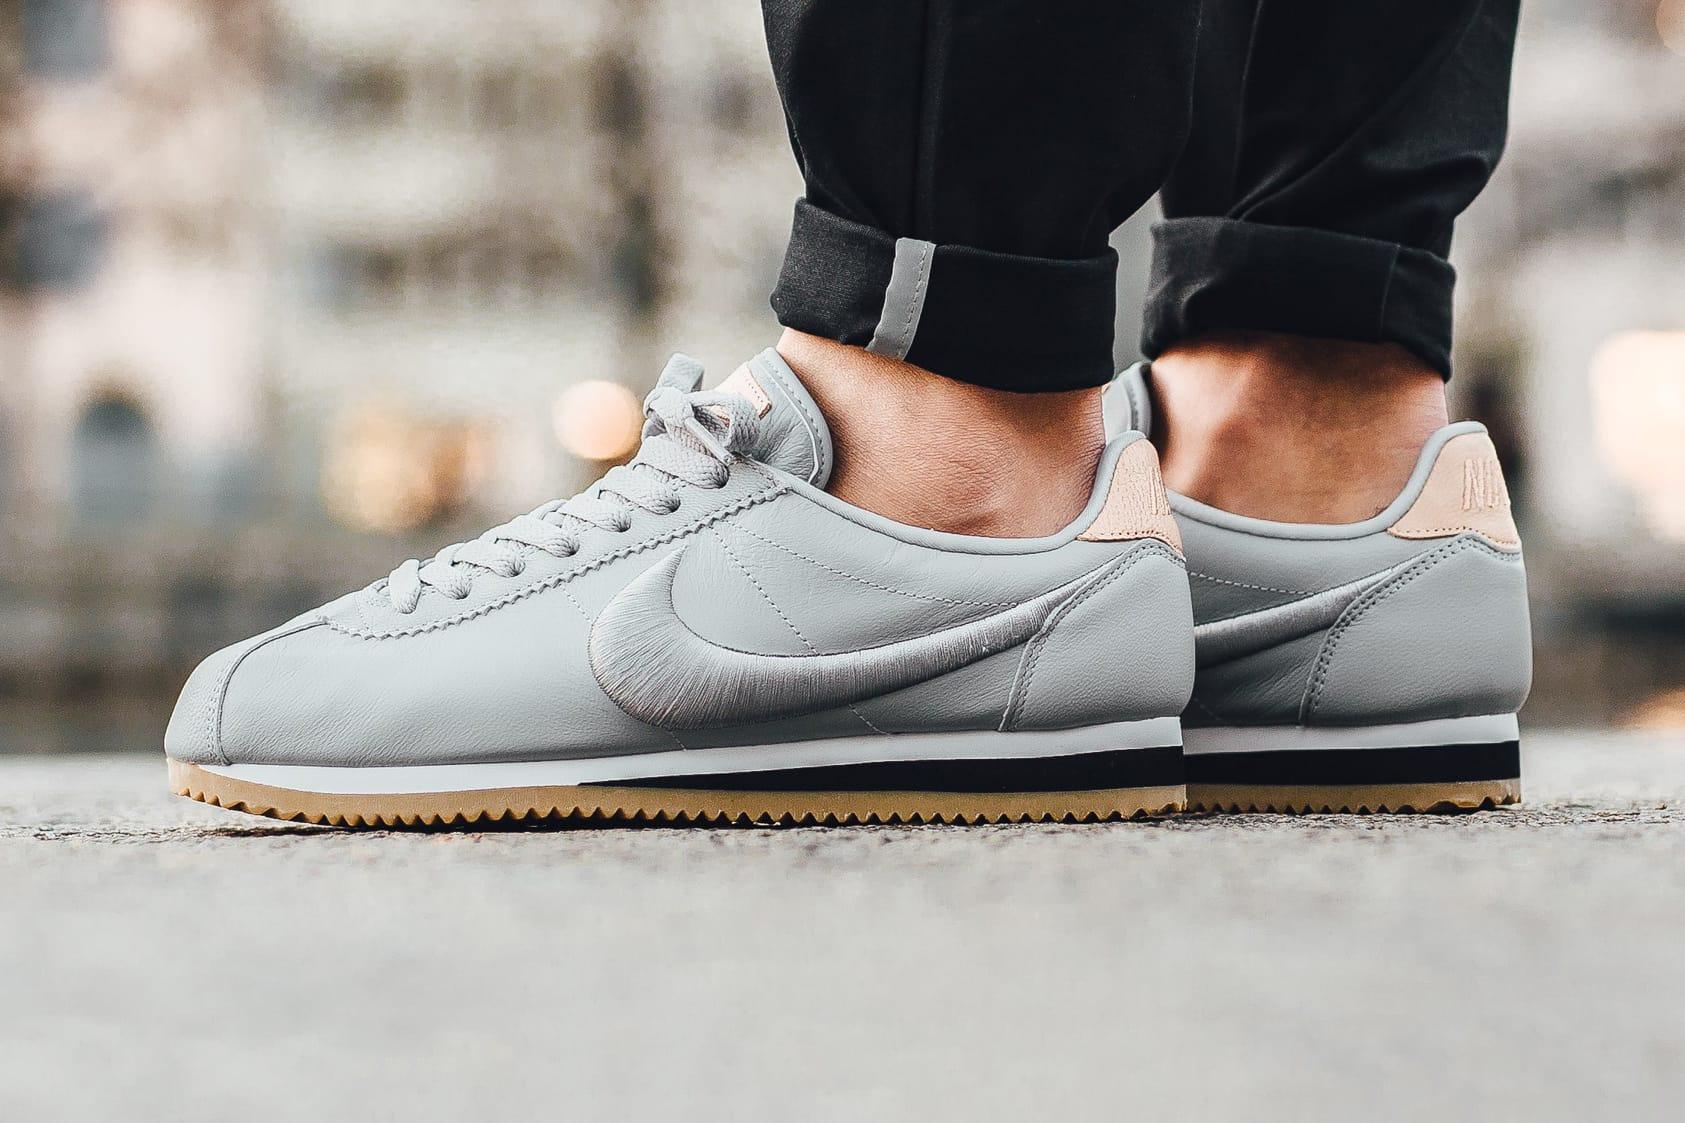 Nike Classic Cortez Leather Premium